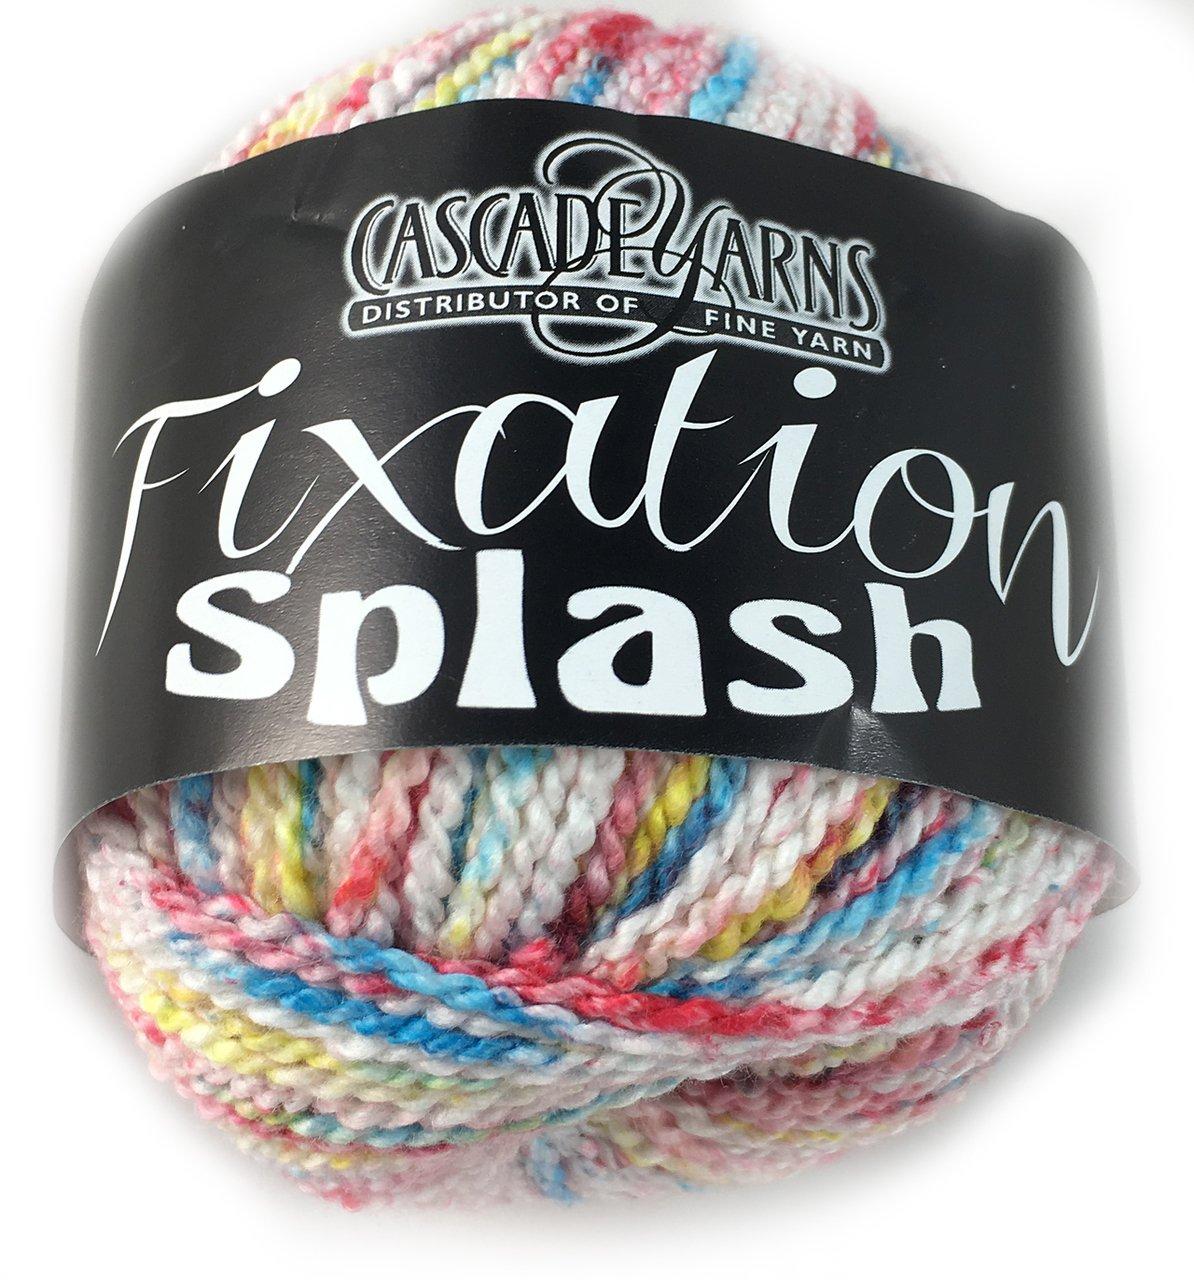 Fixation Splash 101 Primary